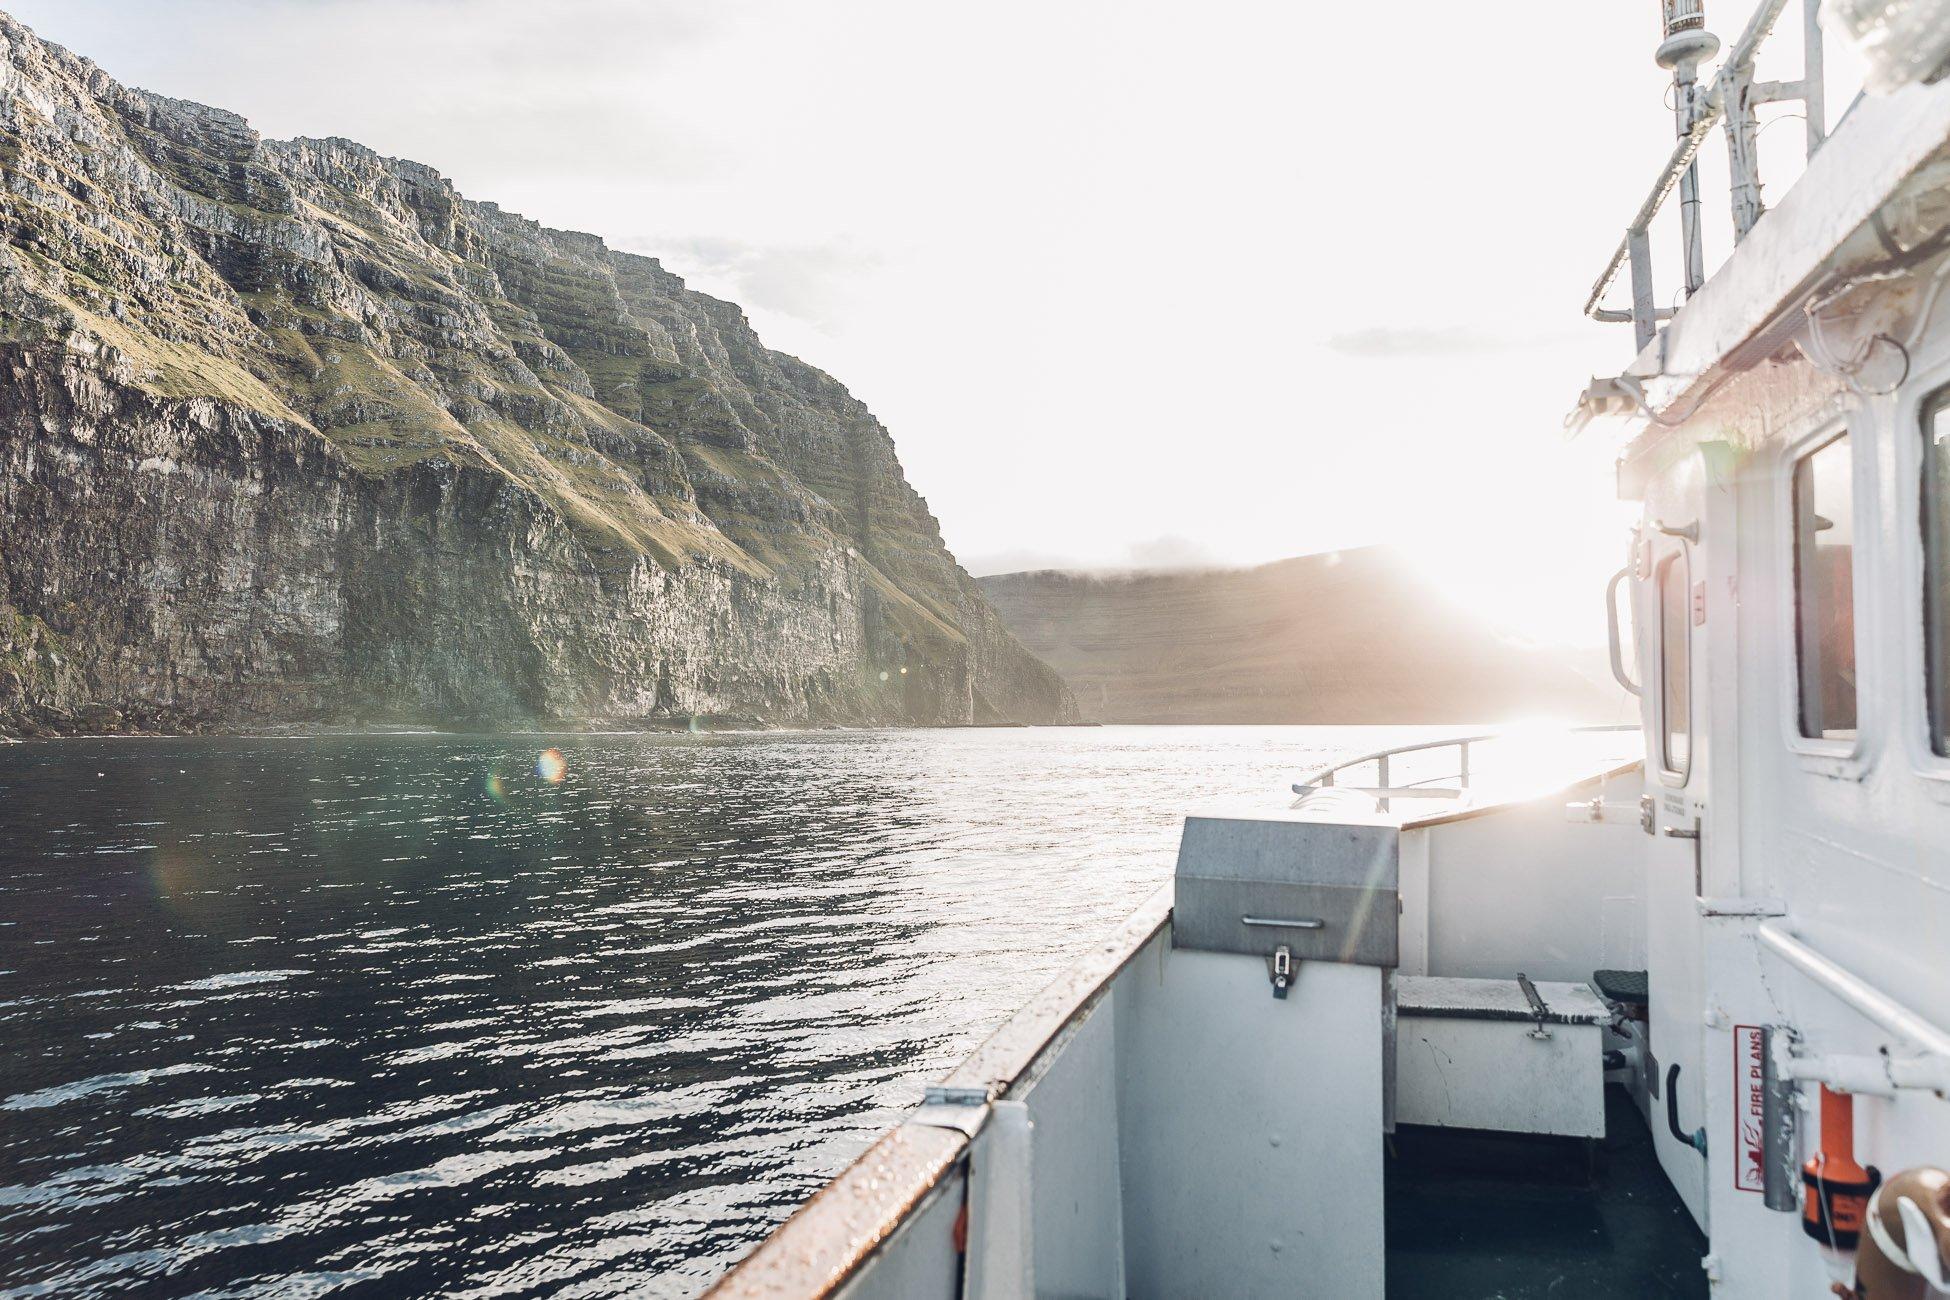 Ferry on the Faroe Islands